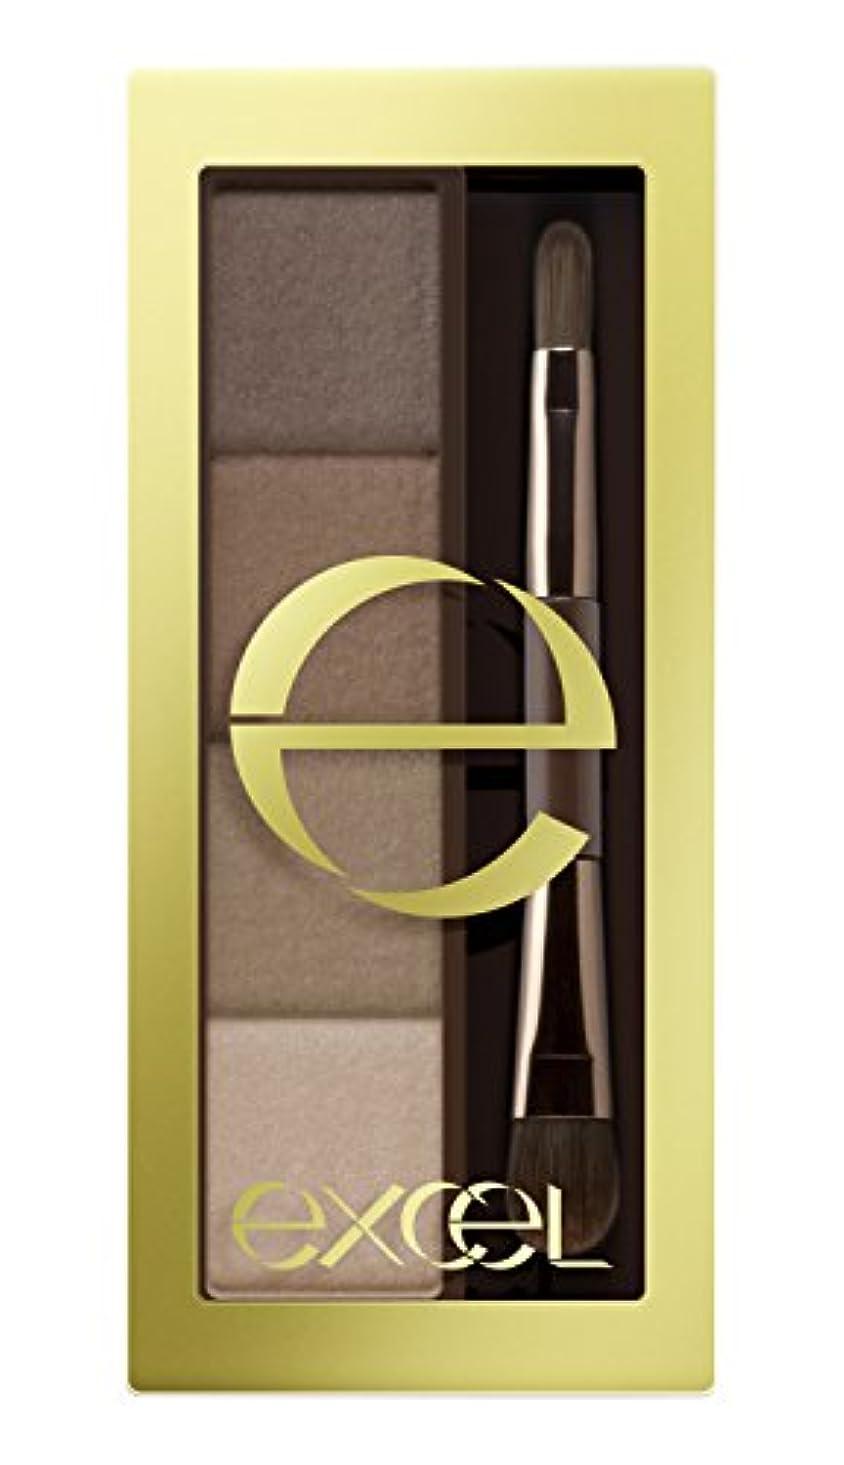 品揃え訴えるメタルラインエクセル スタイリング パウダーアイブロウ SE01 ナチュラルブラウン